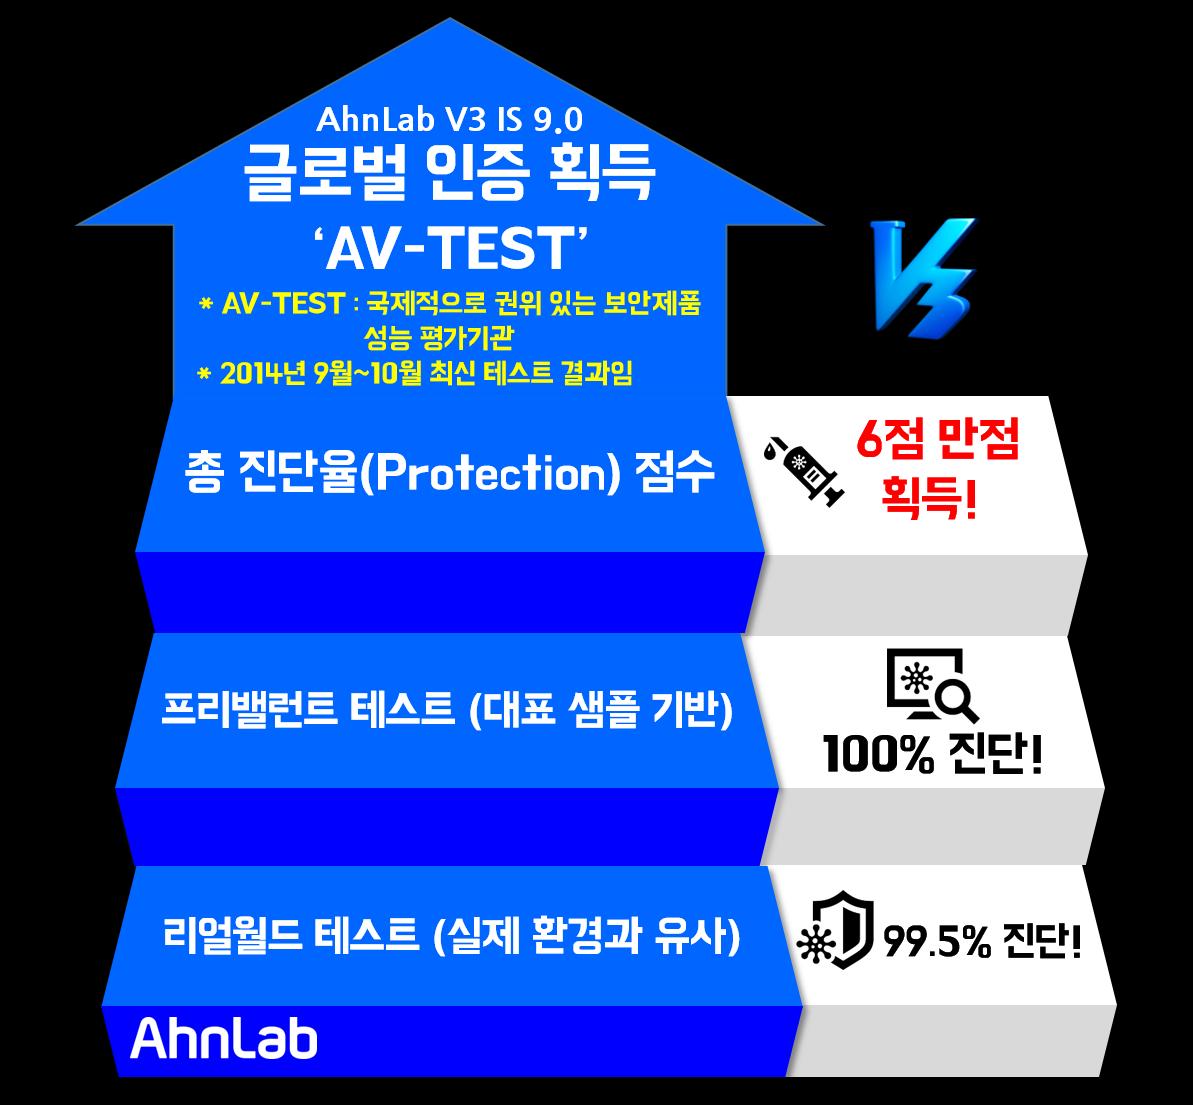 #안랩 #V3 Internet Security 9.0이 9월~10월에 실시한 AV-TEST(국제 정보보안 제품 성능 평가 기관) 에서 진단율 6점 만점을 기록했습니다. http://t.co/Il4zqzvAzv http://t.co/0Y1lRINfsc